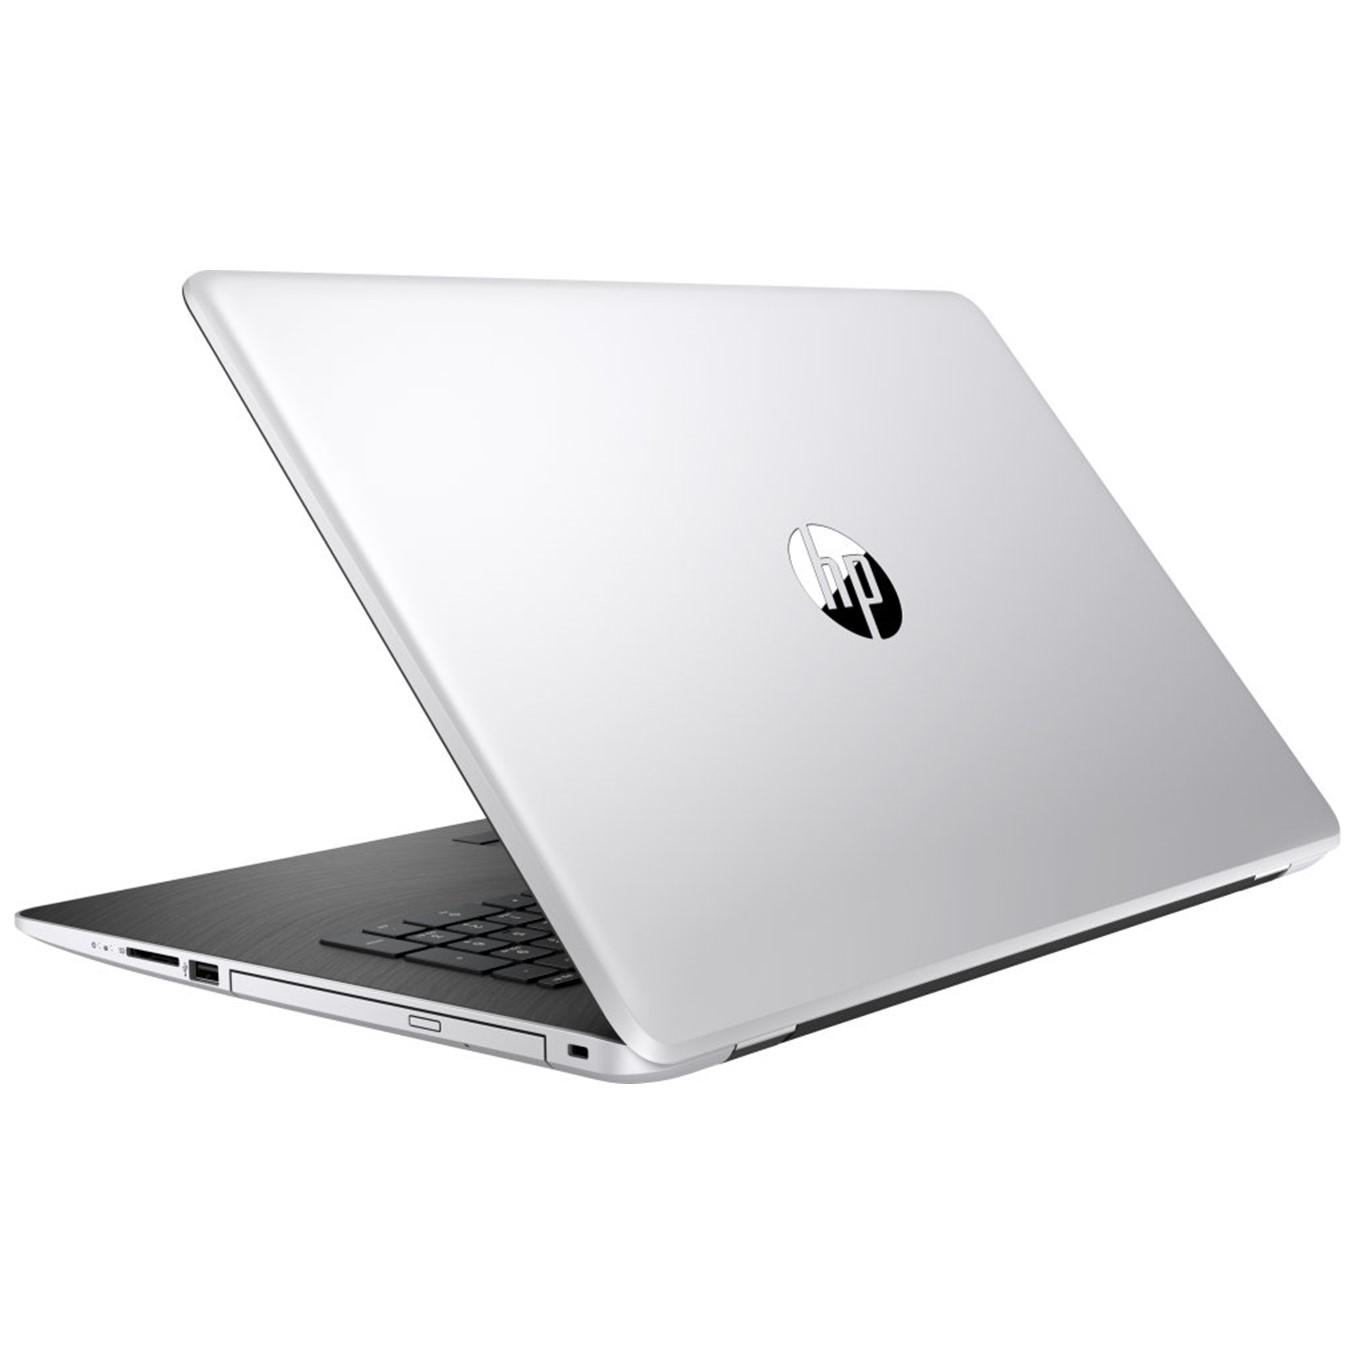 """PORTTIL HP 17-BS008NS - I3-6006U 2GHZ - 4GB - 1TB - 17.3""""/43.9CM HD+ - DVD RW - HDMI - BT - USB2.0 - 2XUSB3.1 - W10 HOME - PLATA/CENIZA"""